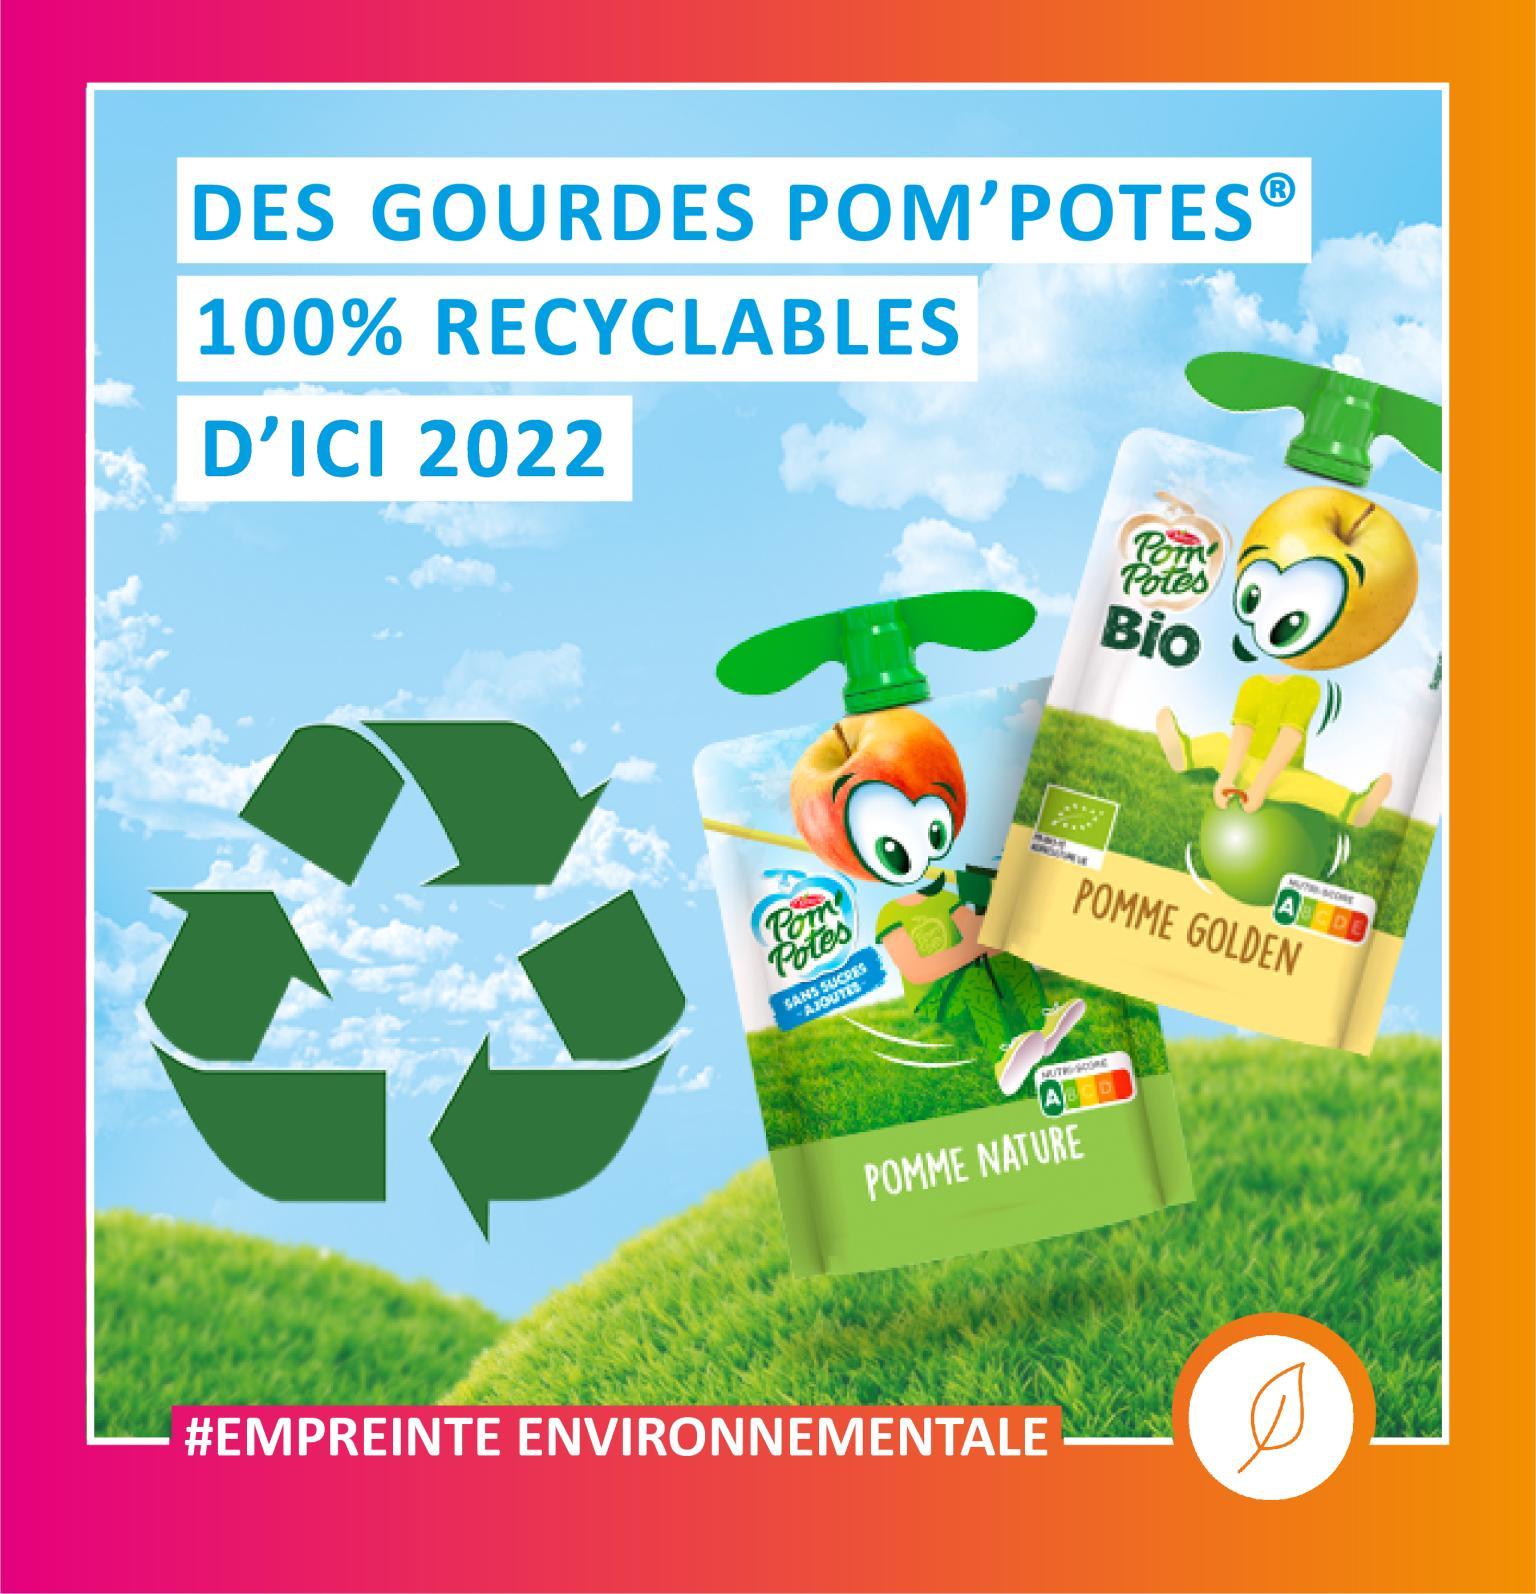 0 1 - Pom'Potes® : des gourdes 100% recyclables d'ici 2 ans